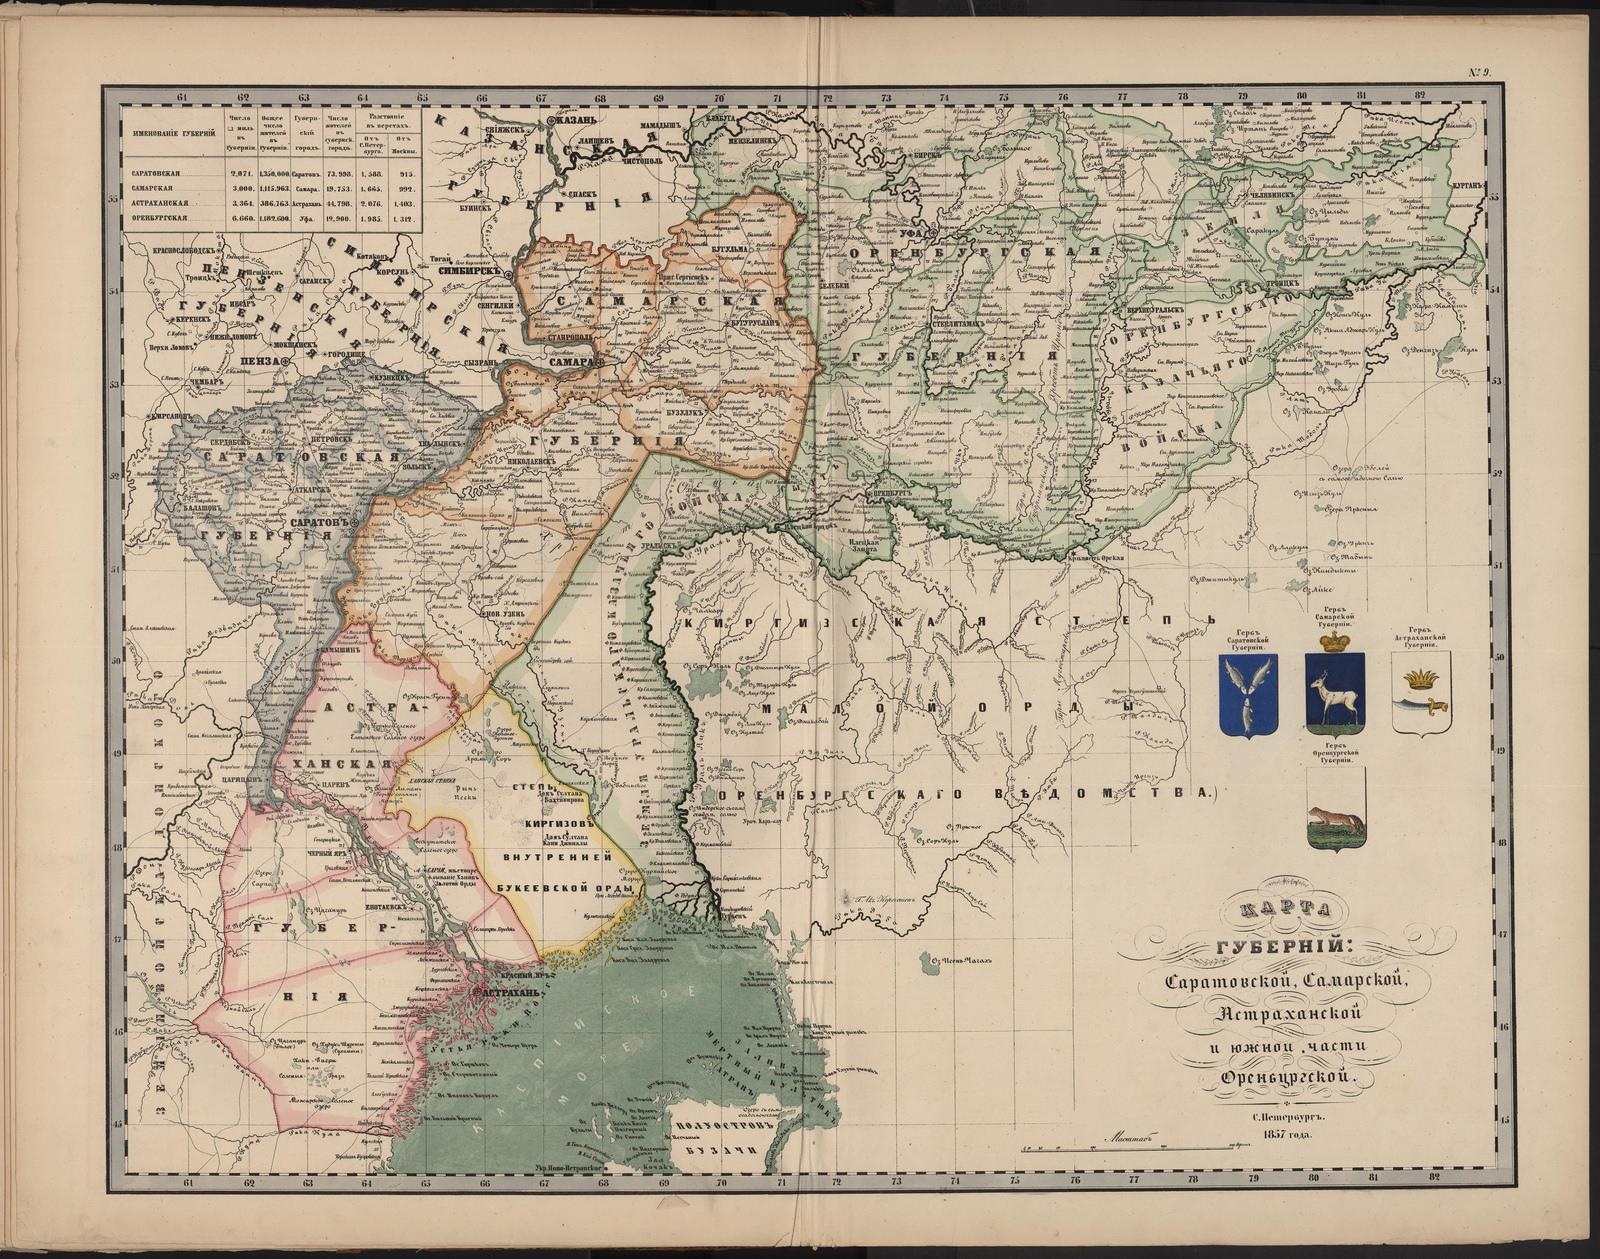 09. Карта губерний Саратовской, Самарской, Астраханской и южной части Оренбургской